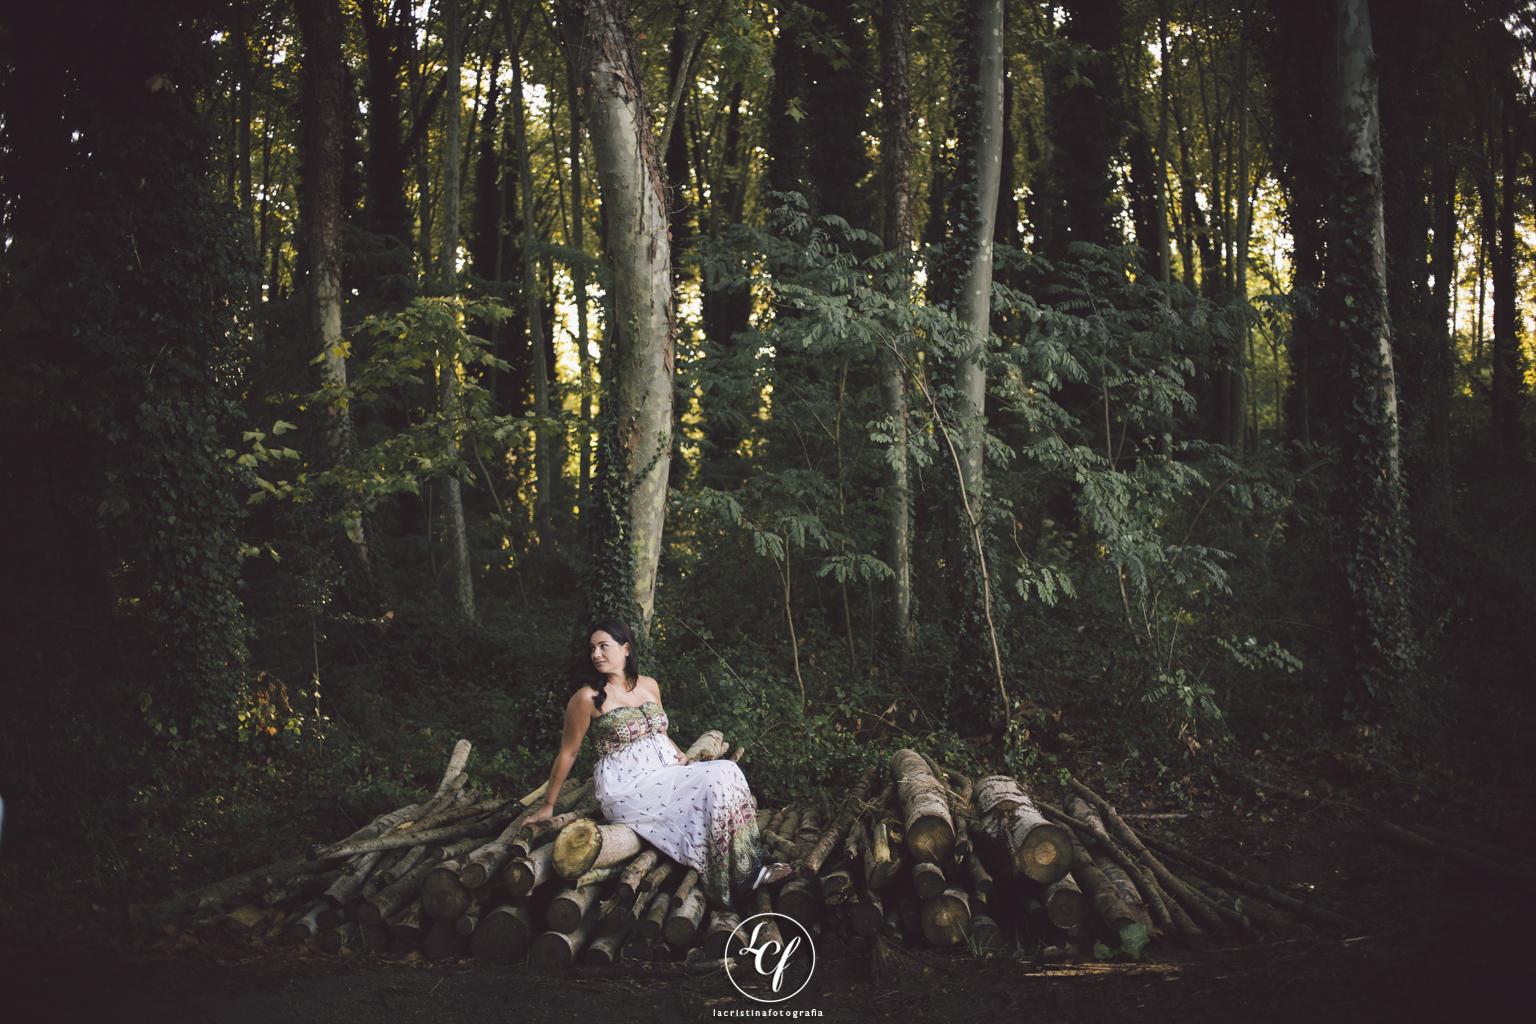 fotógrafo_embarazo_bosque-244